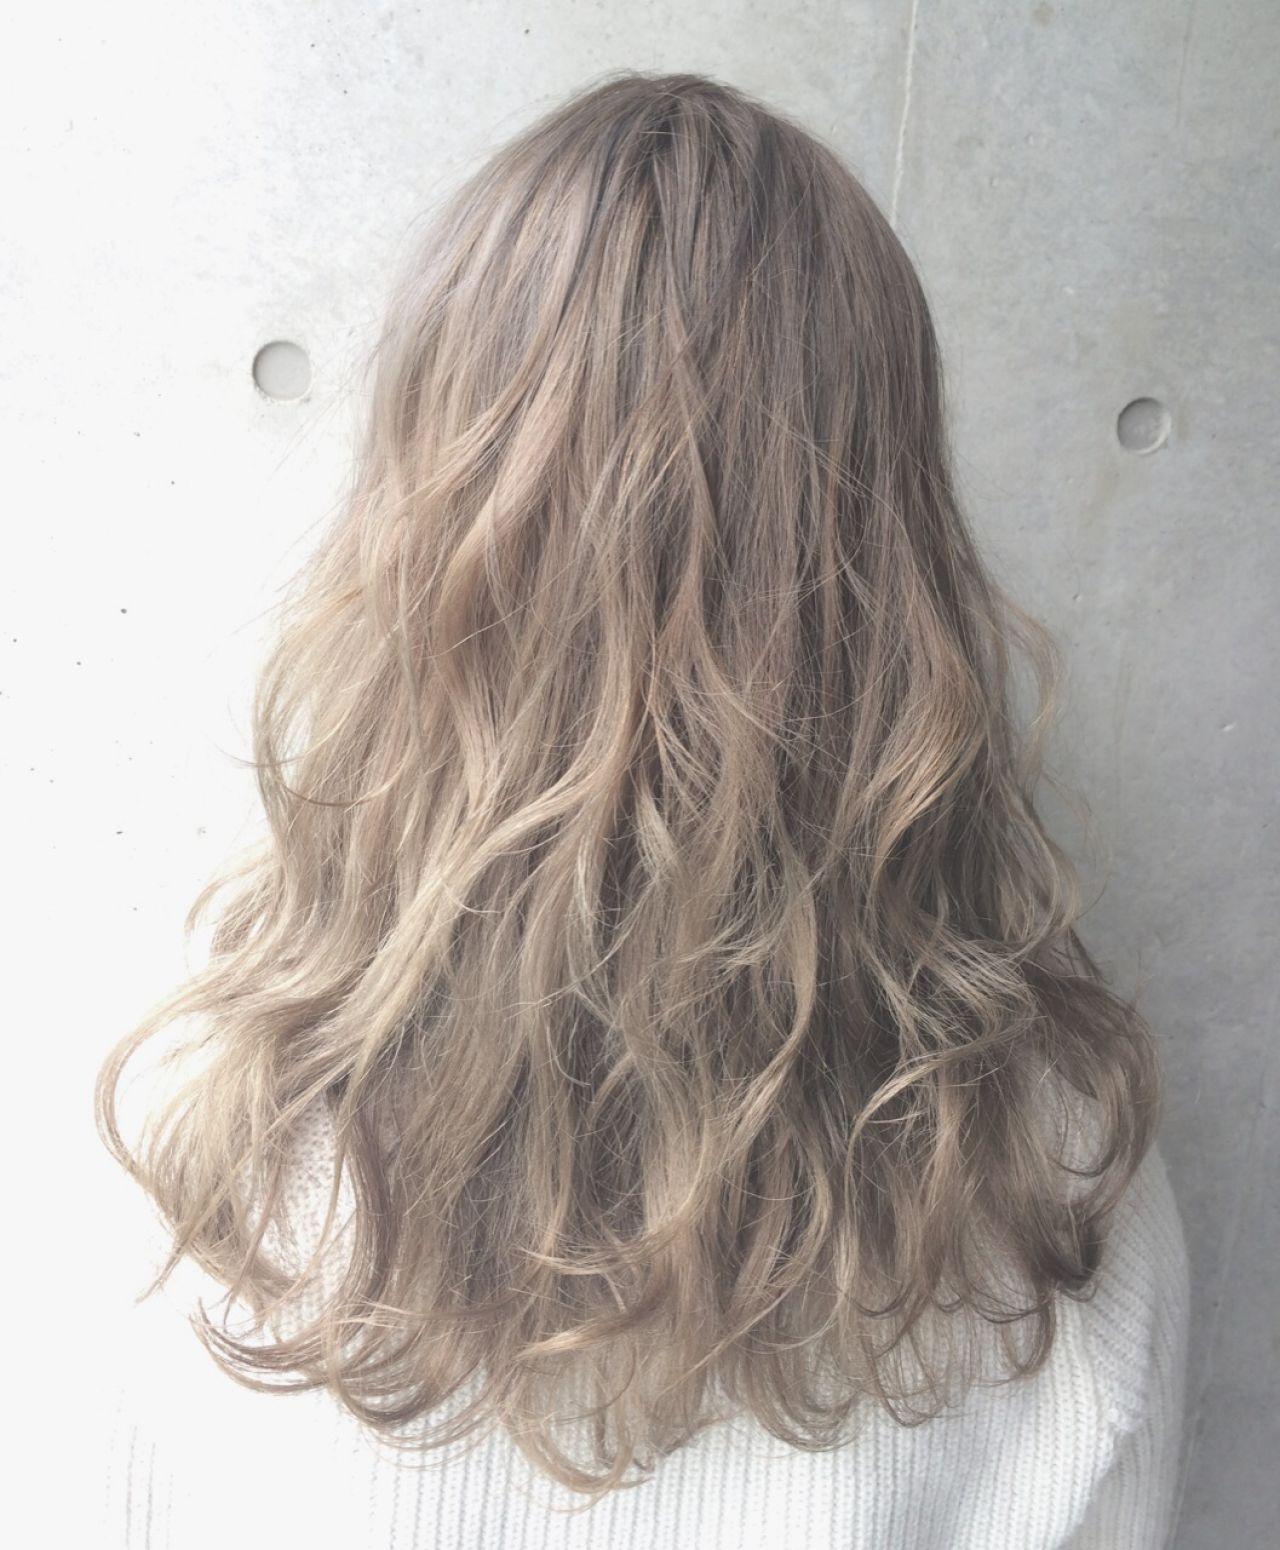 ストリート 外国人風 ハイトーン 春 ヘアスタイルや髪型の写真・画像